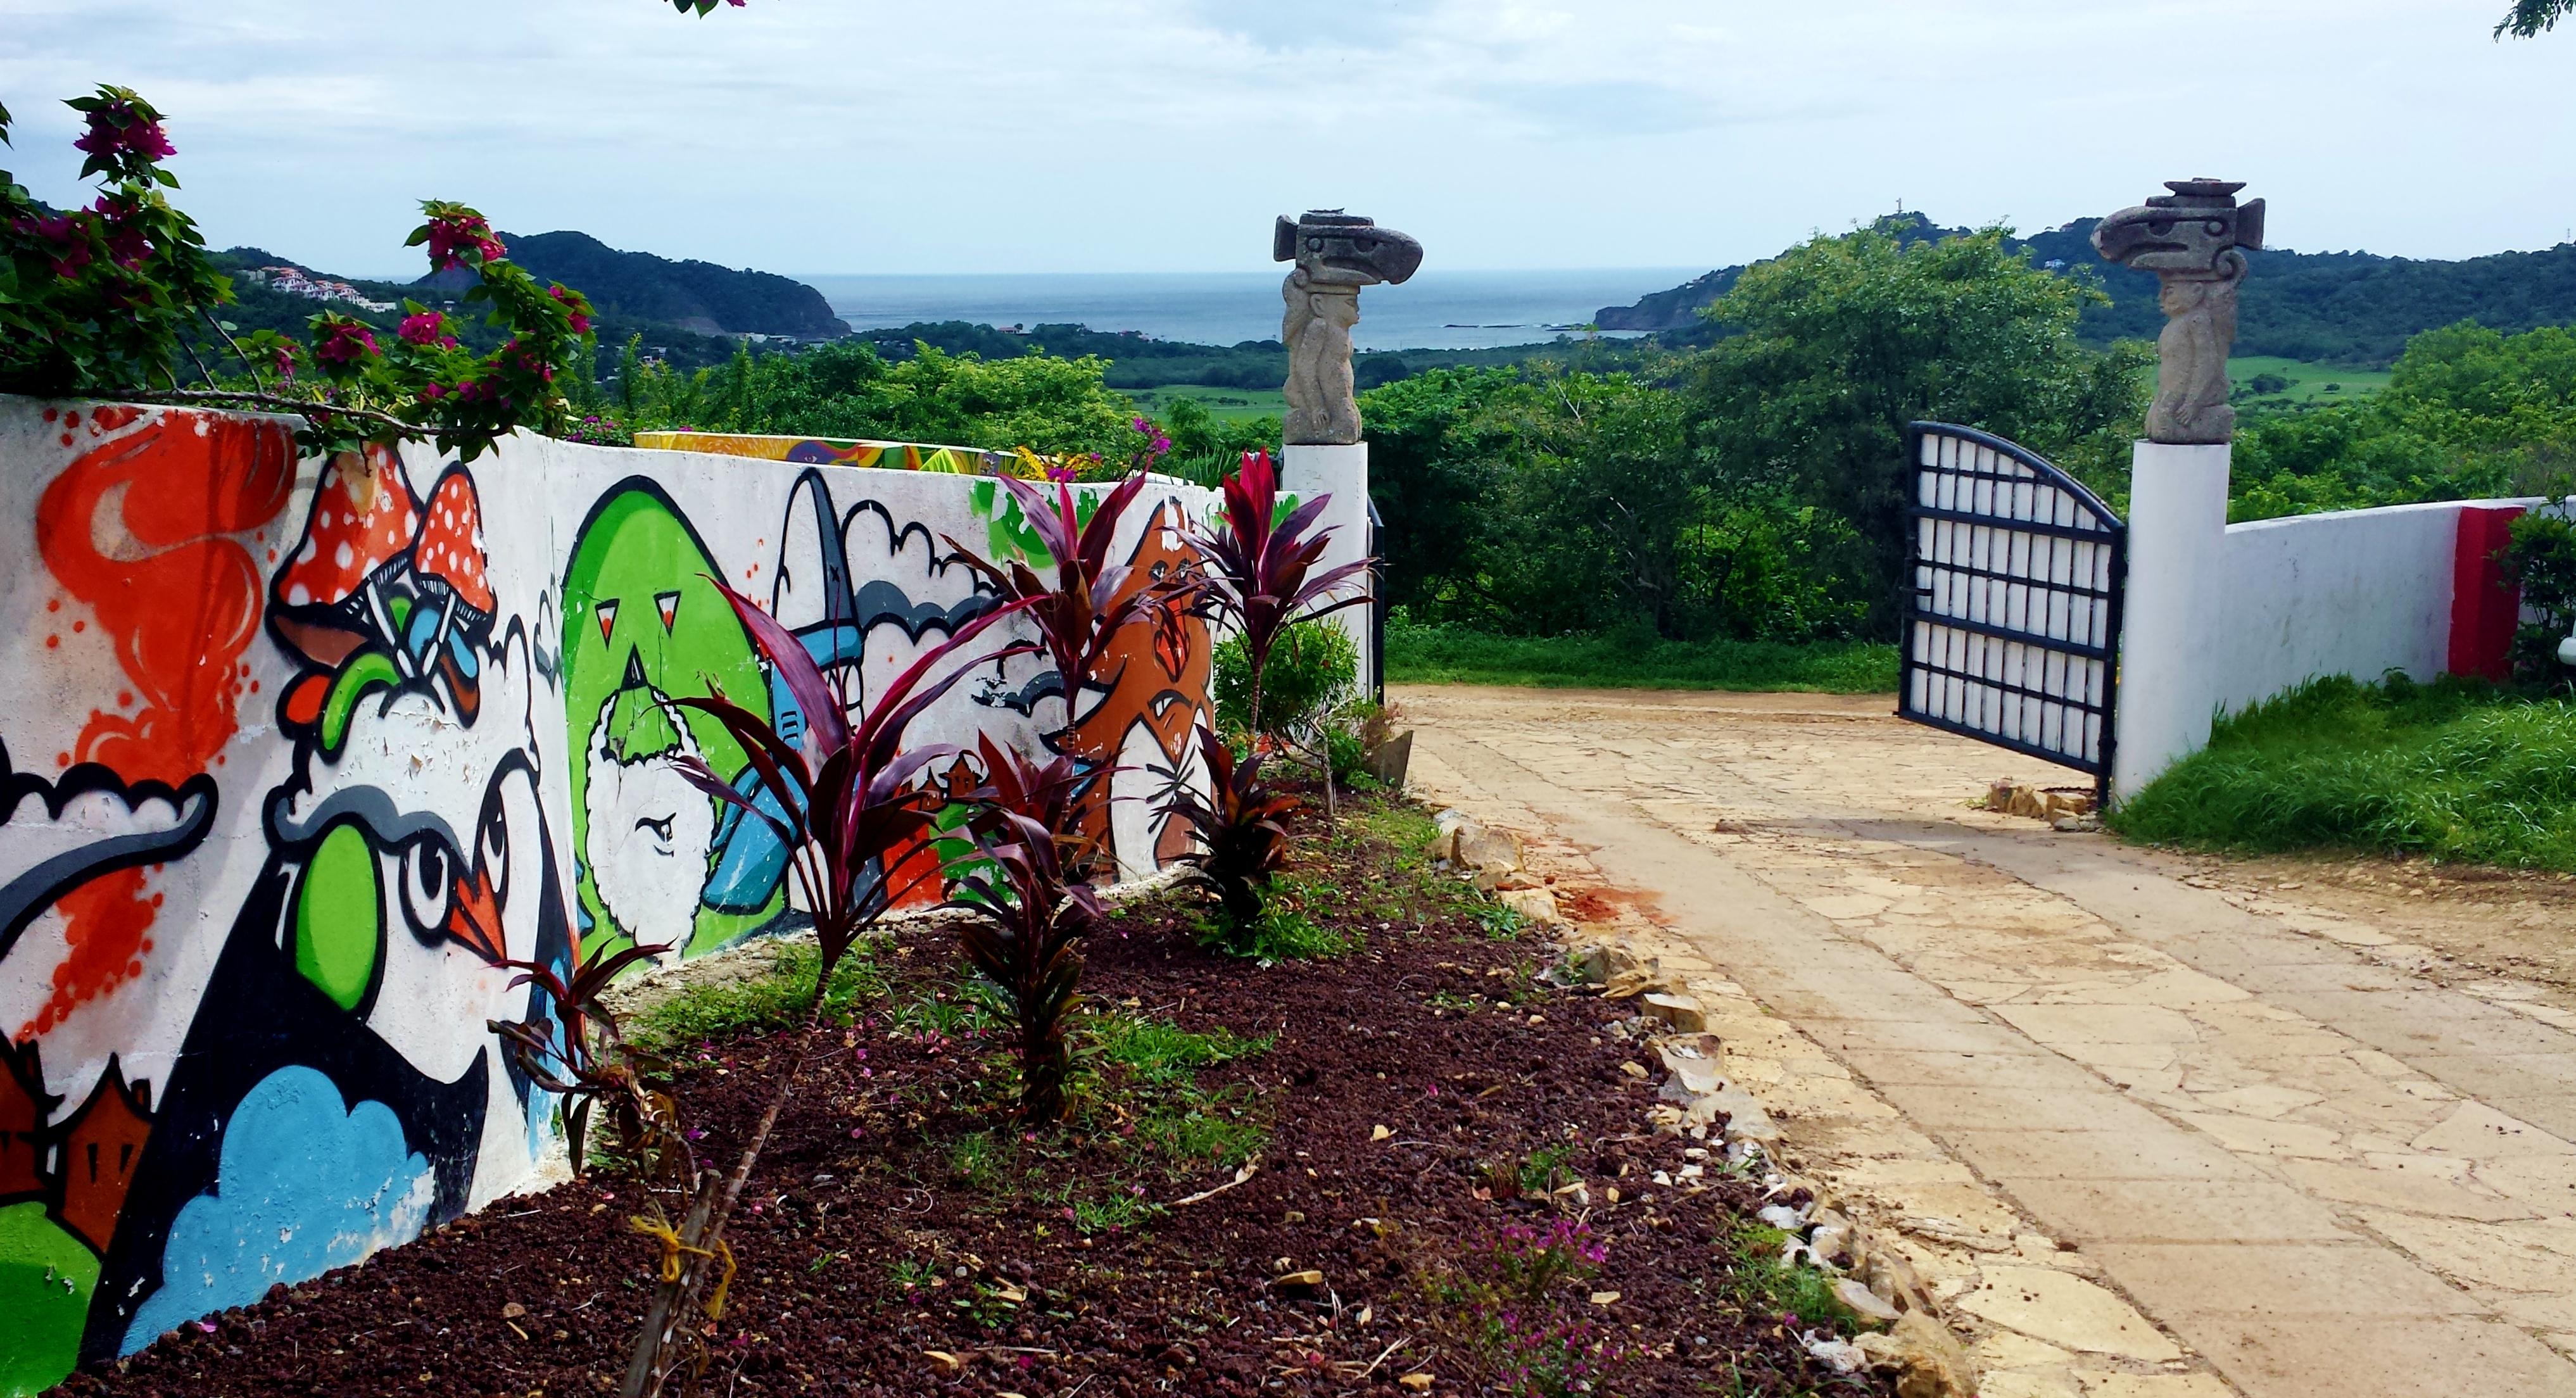 graffiti-5-san-juan-del-sur-nicaragua_14052550774_o